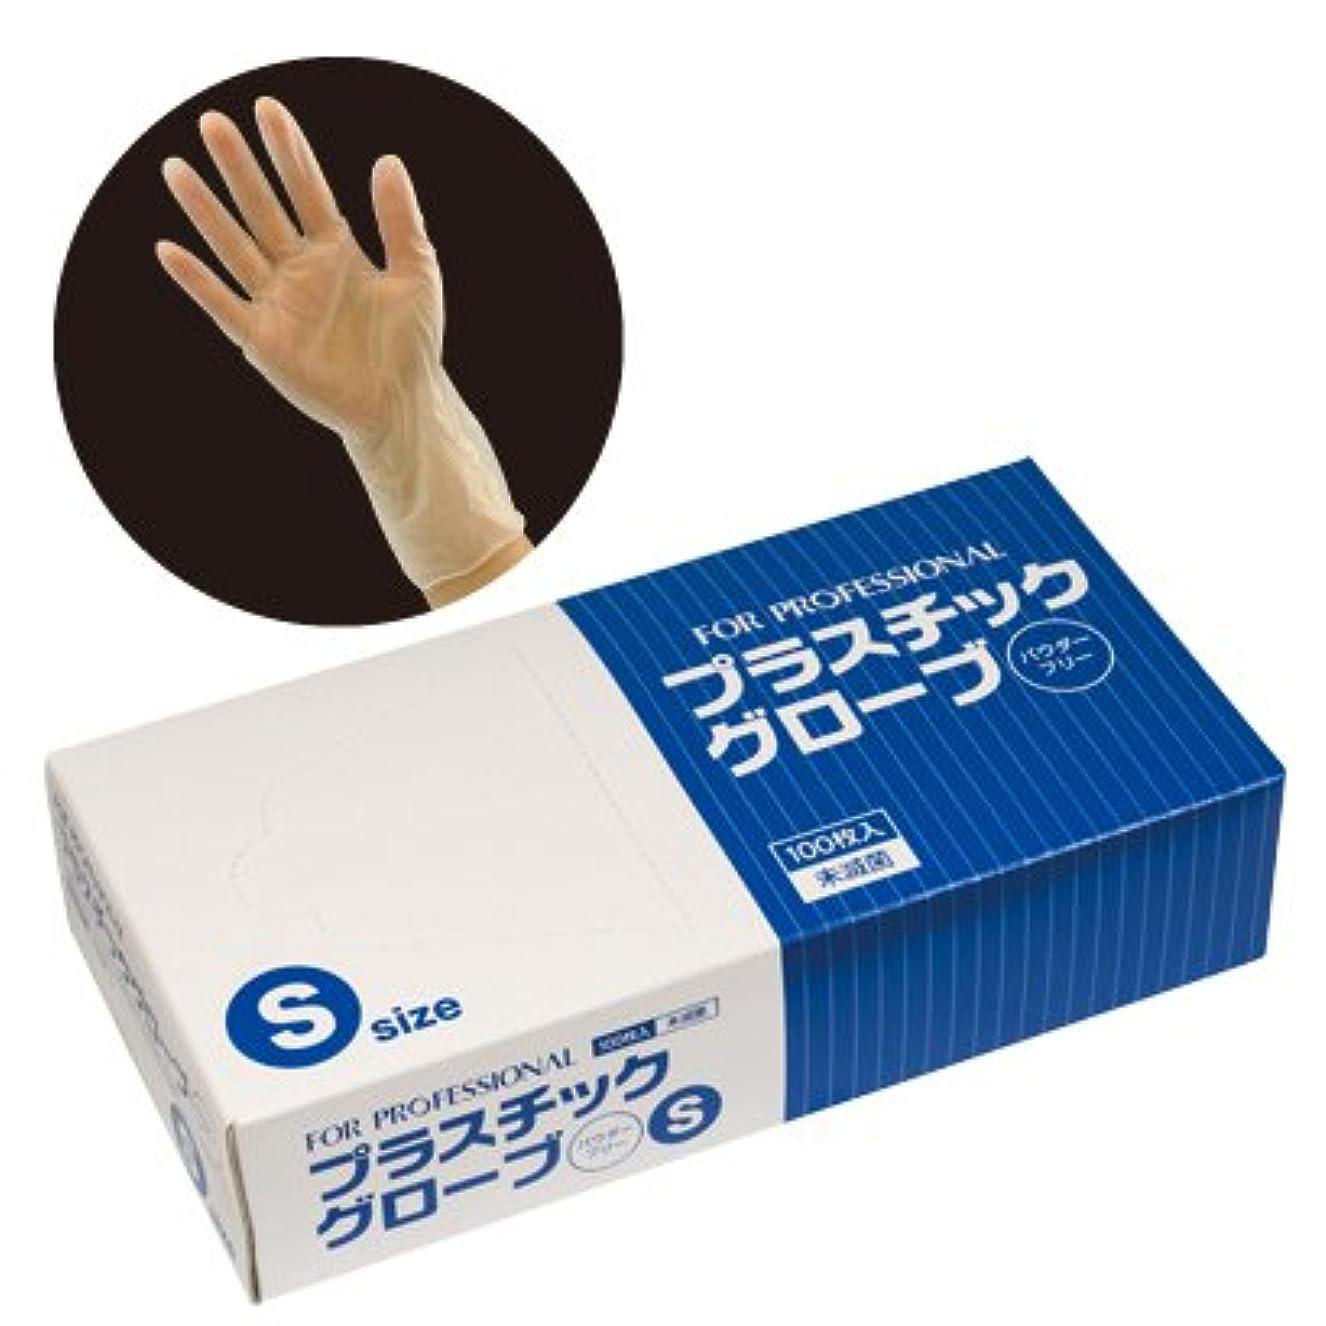 社会科また老人【業務用】 FEED(フィード) プラスチックグローブ(手袋) パウダーフリー/L カートン (作業用) 100枚入×10ケース (378円/1個あたり)